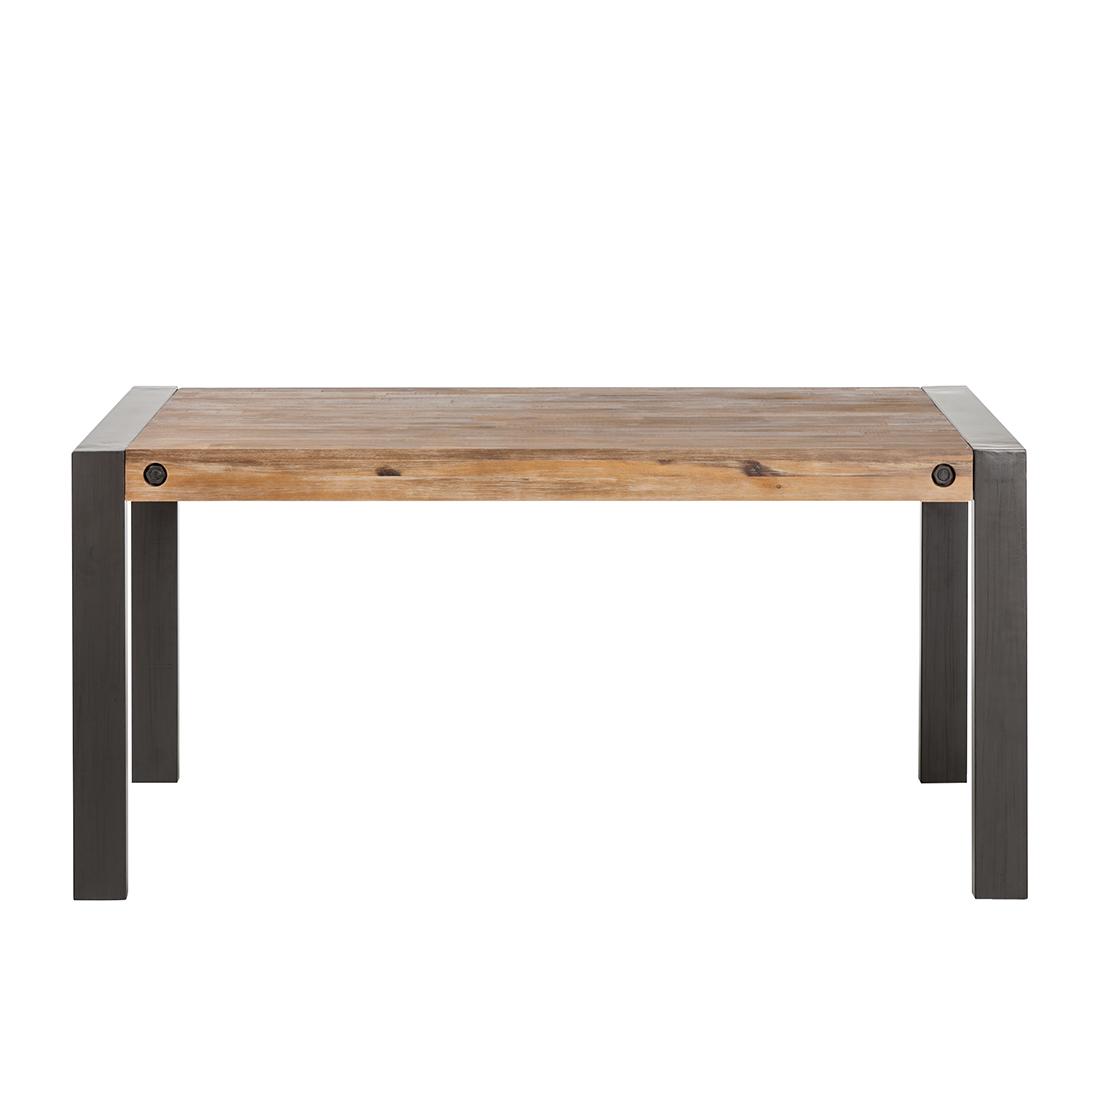 esstisch mit ausziehfunktion akazie metall esszimmertisch k chentisch neu ebay. Black Bedroom Furniture Sets. Home Design Ideas